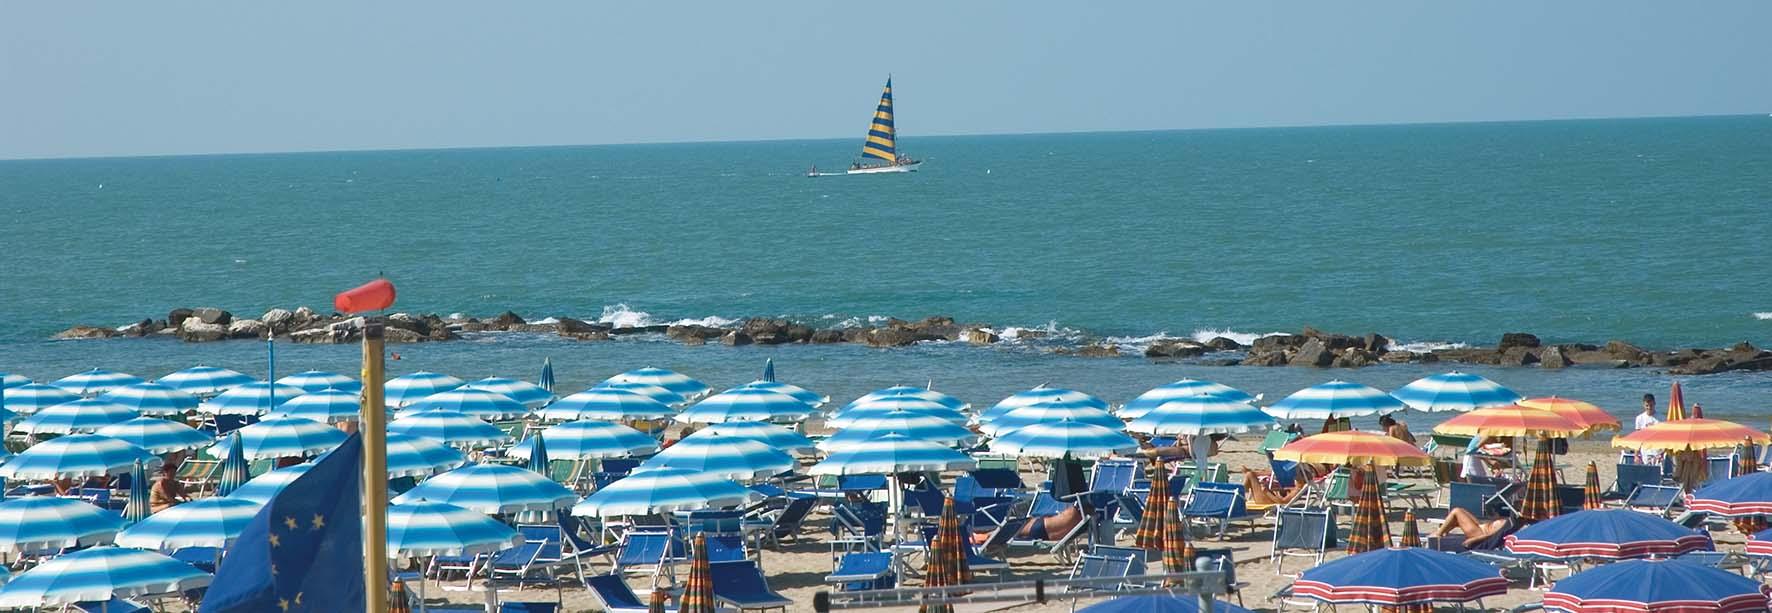 divieto di balneazione Cattolica SpiaggiaOmbrelloniBarcaVela